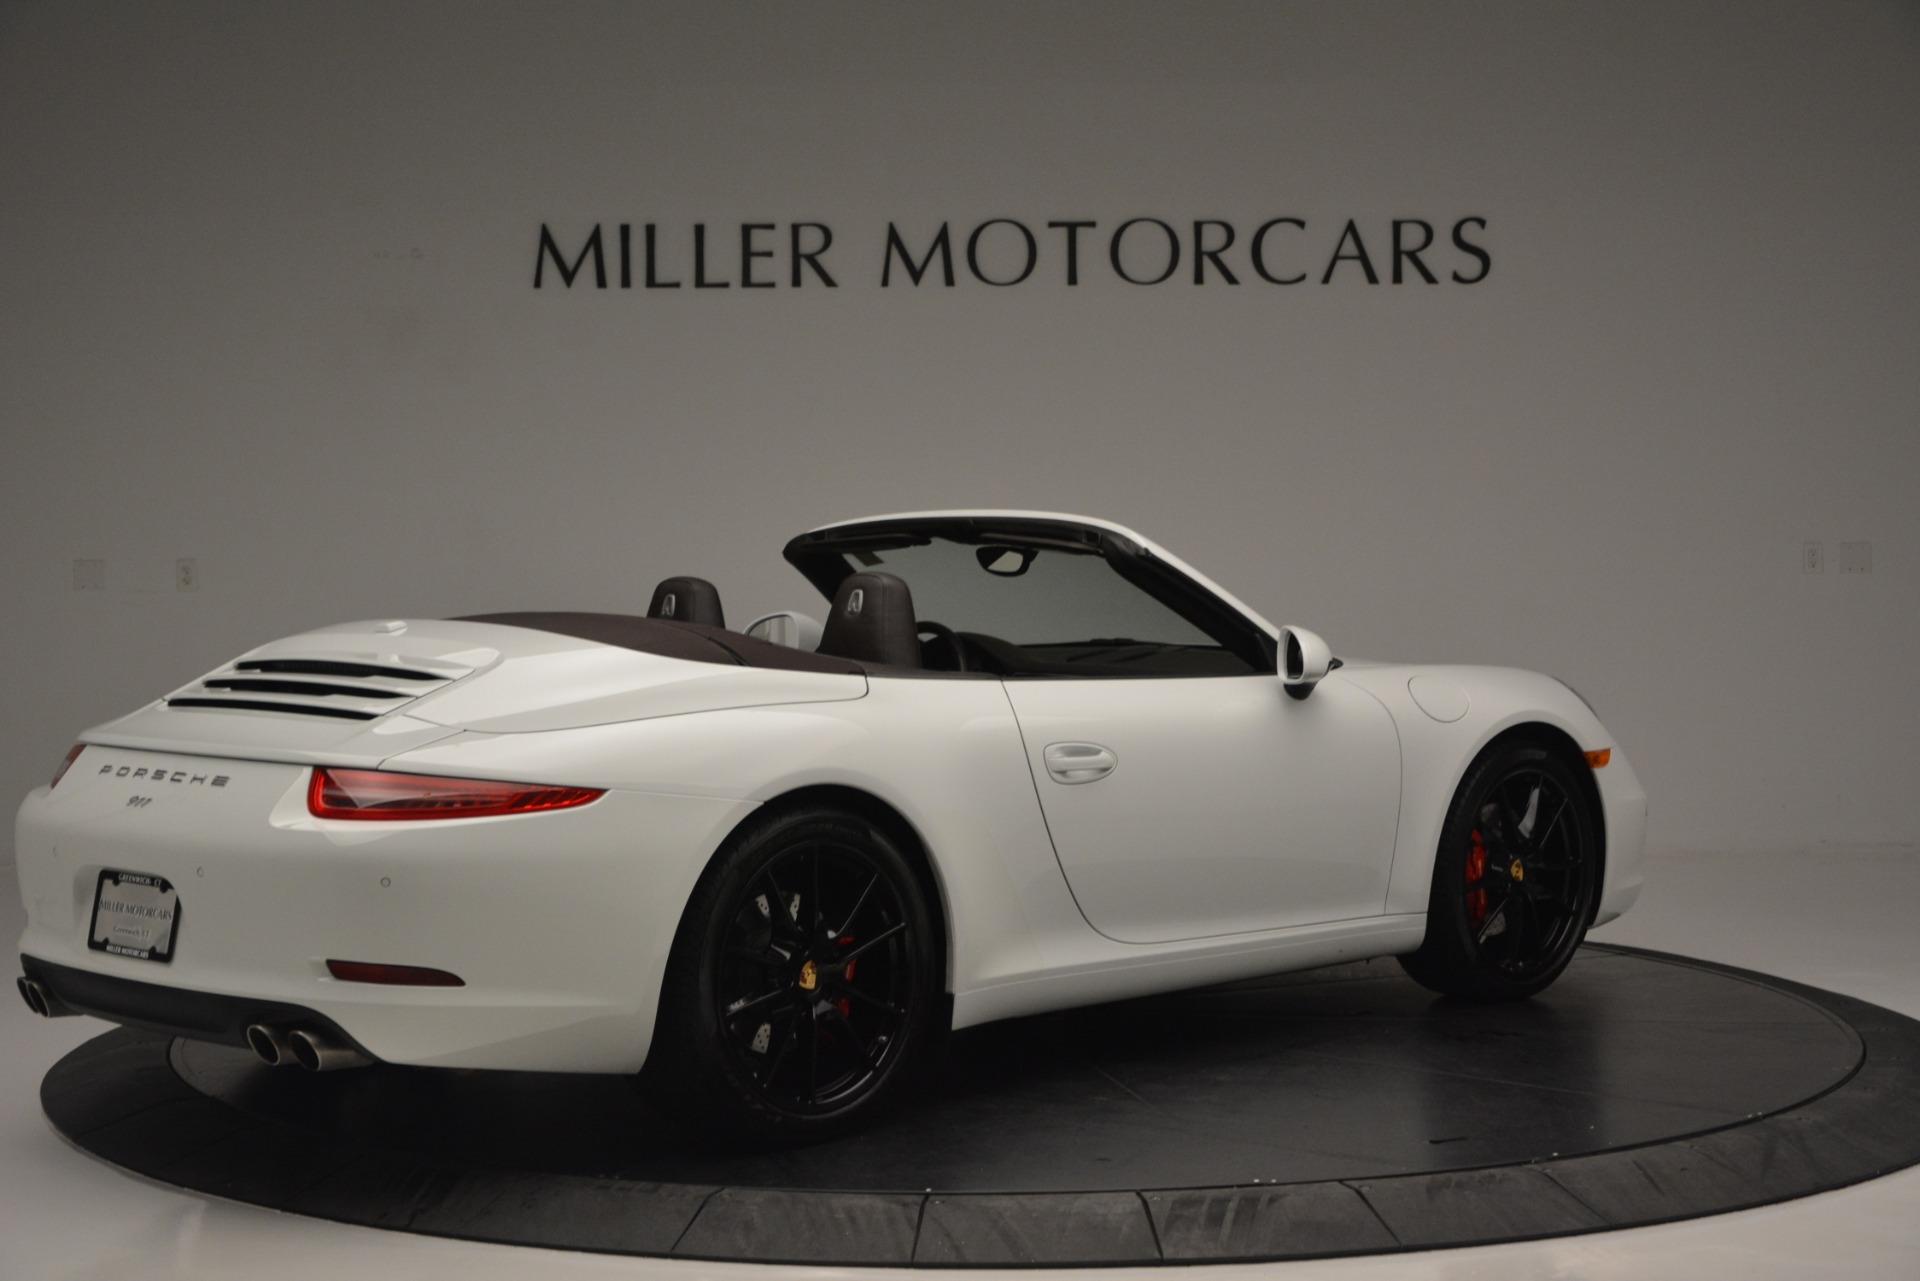 Used 2015 Porsche 911 Carrera S For Sale In Greenwich, CT 2578_p8